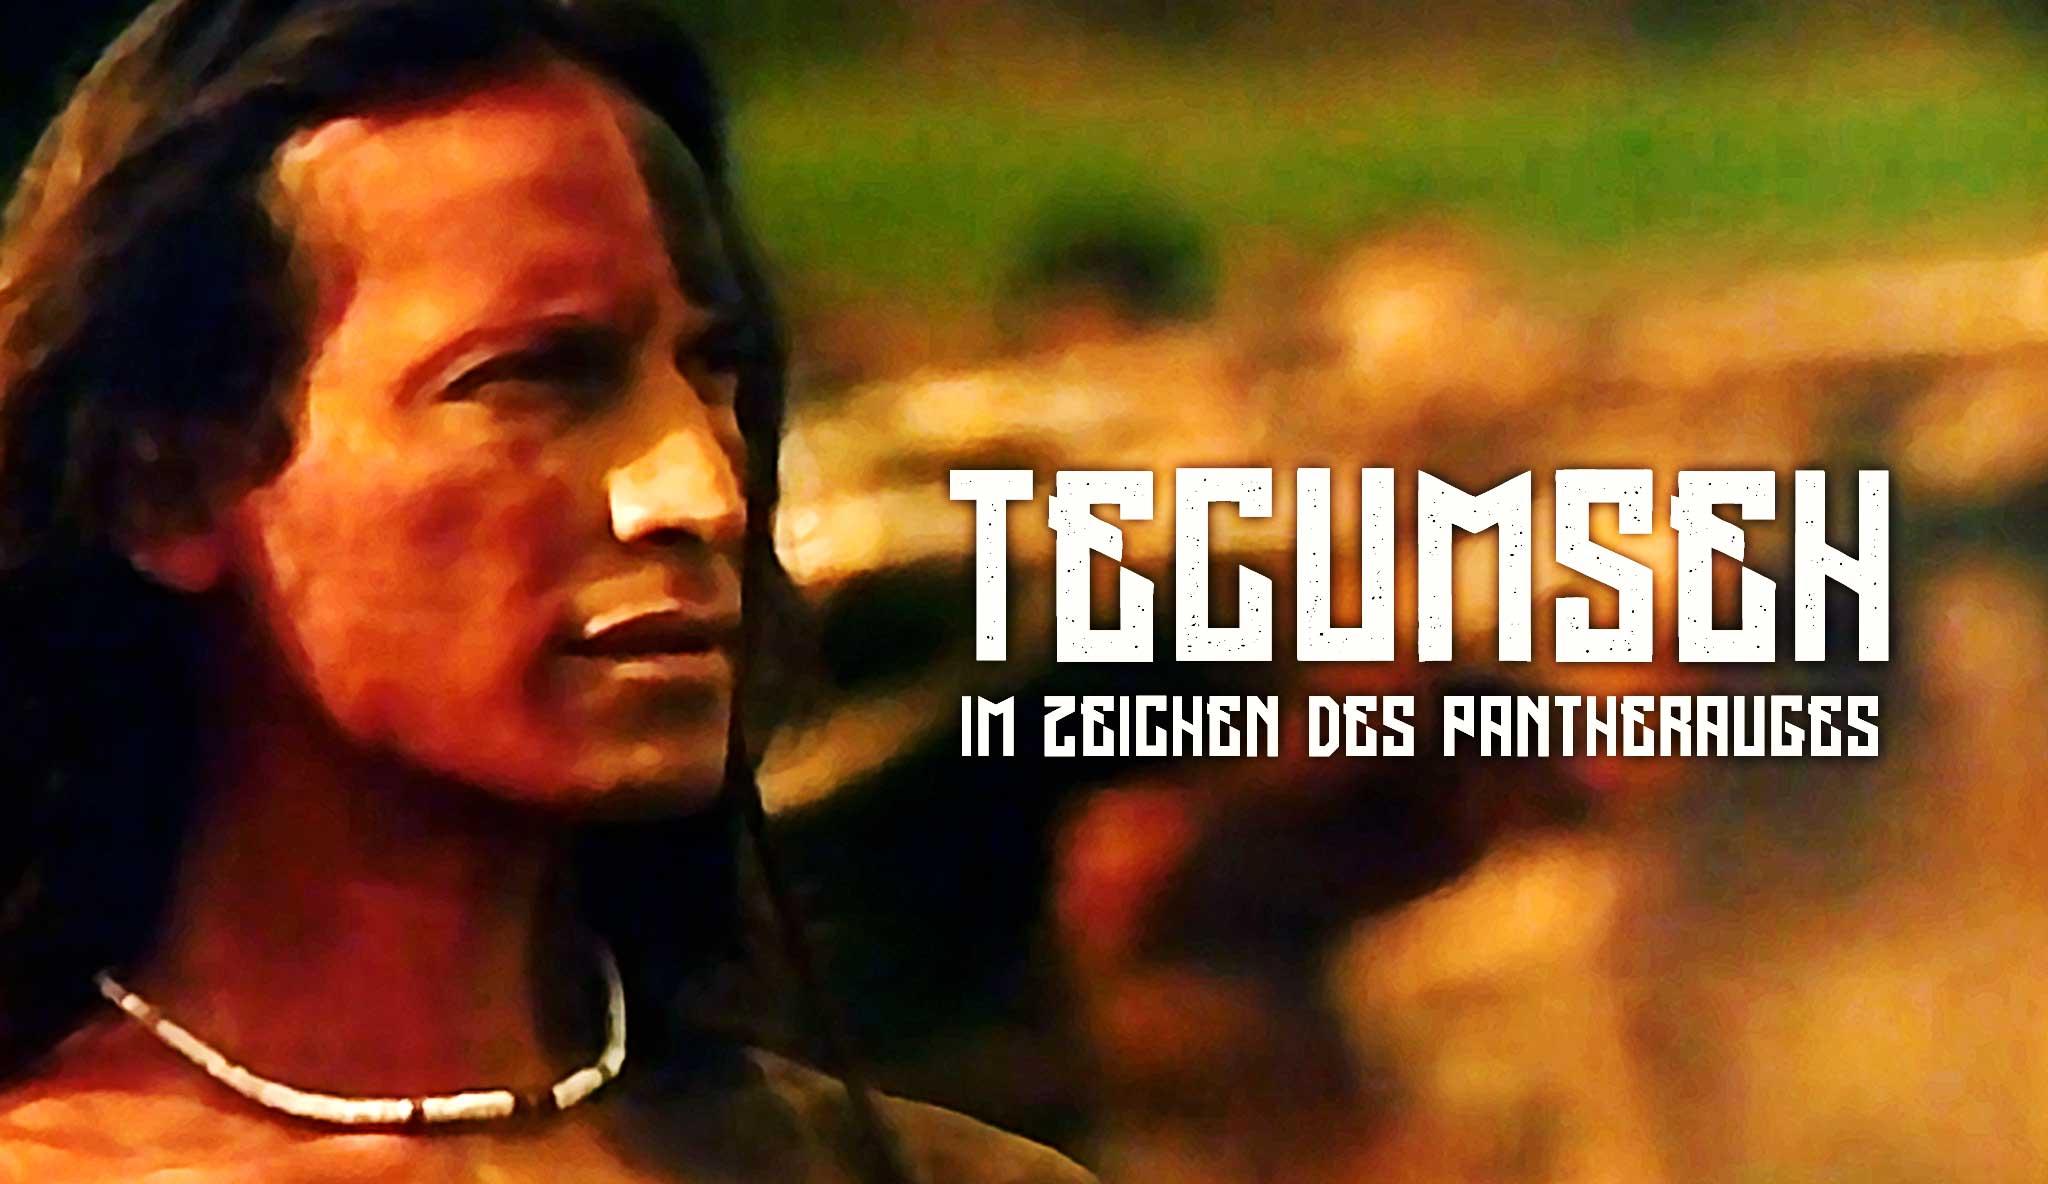 tecumseh-im-zeichen-des-pantherauges\header.jpg